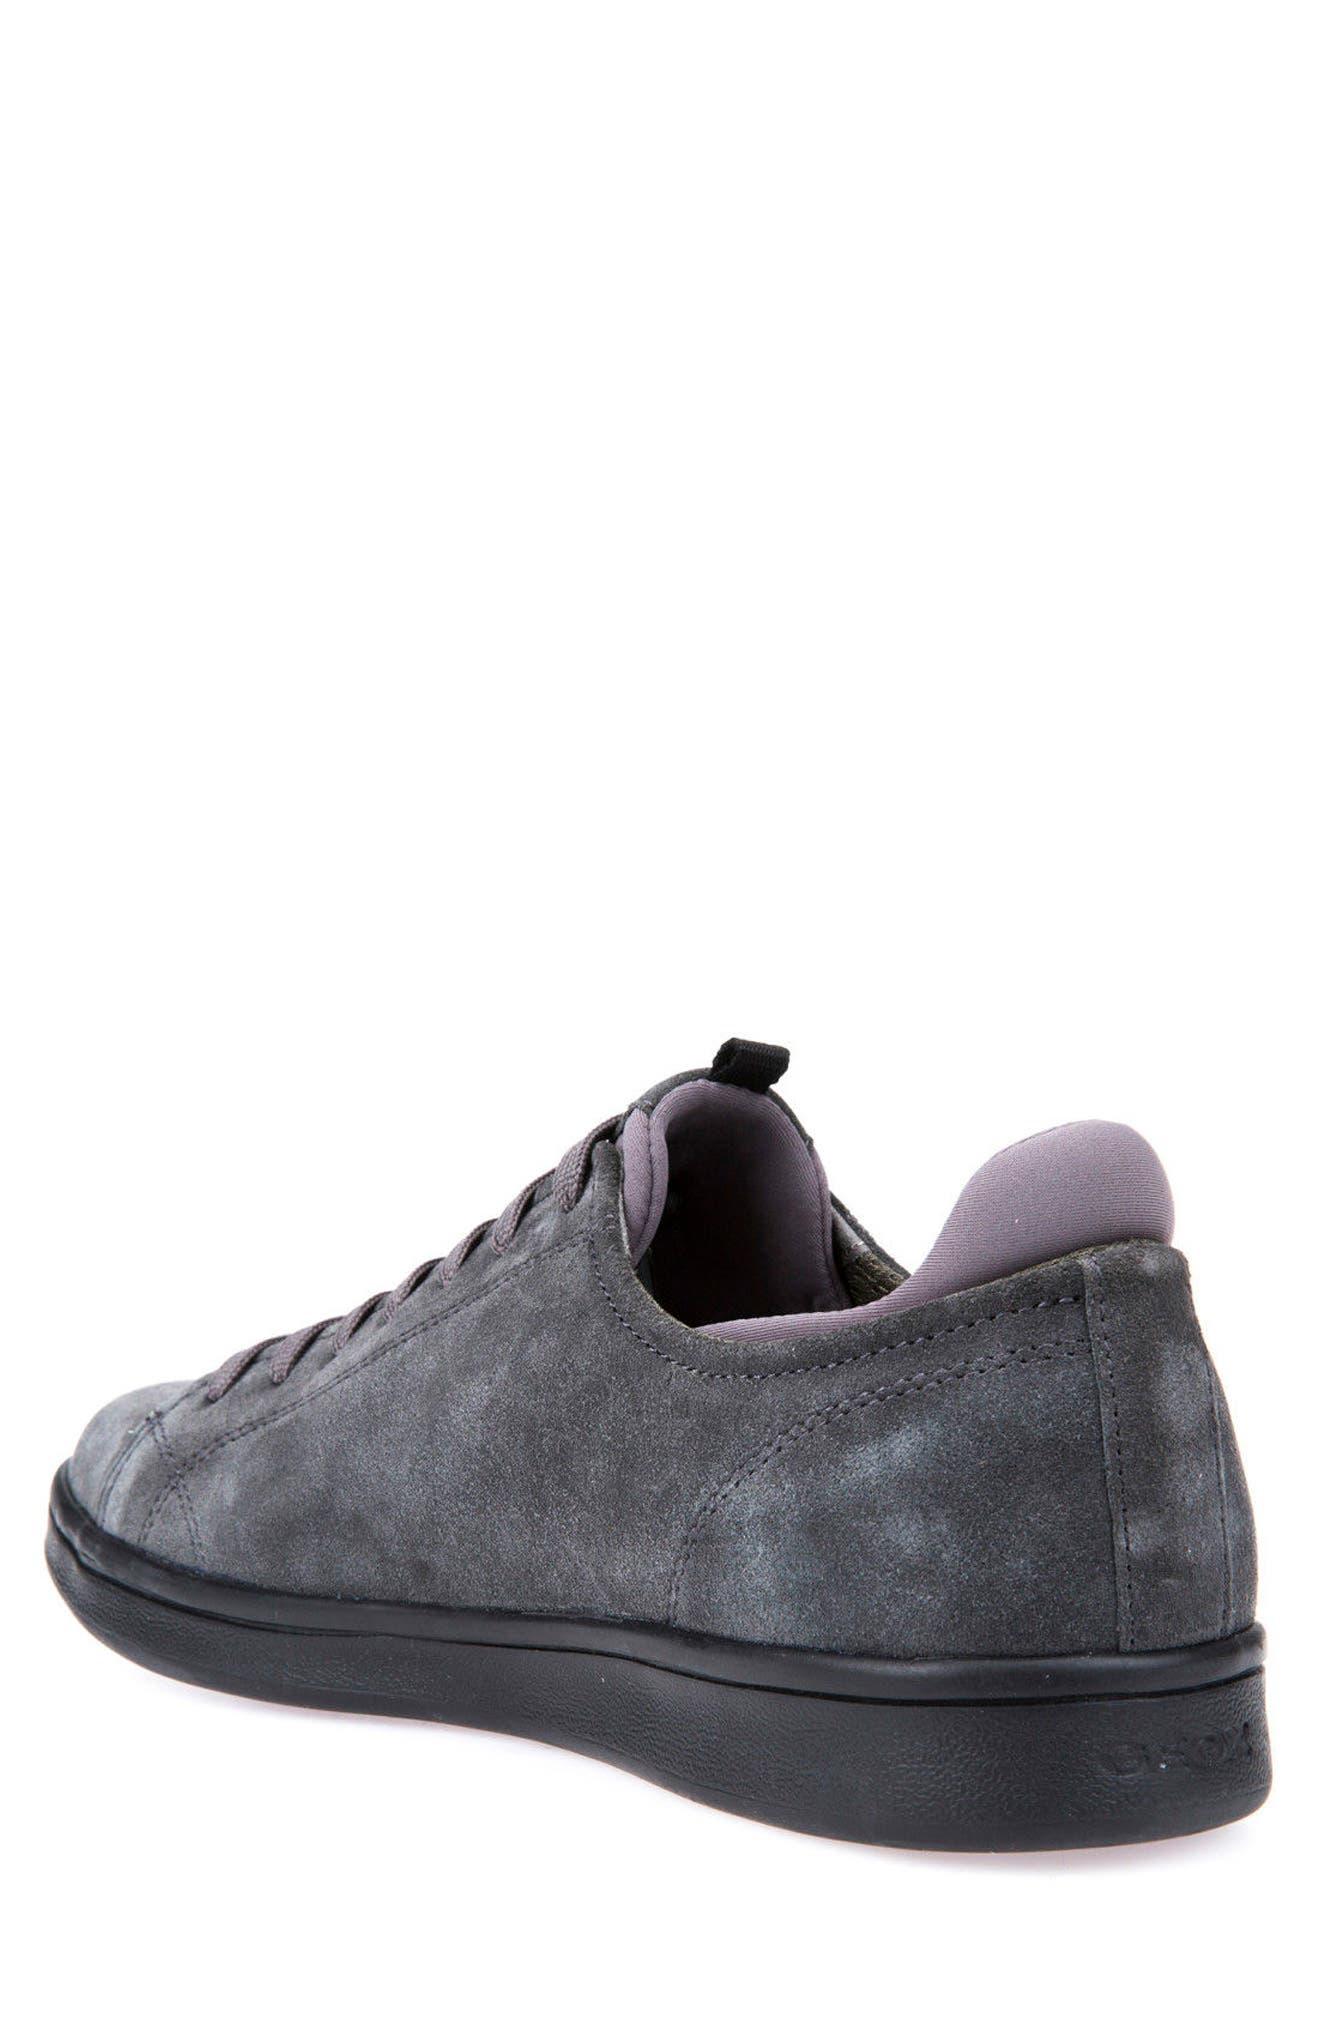 Warrens 8 Low-Top Sneaker,                             Alternate thumbnail 2, color,                             020